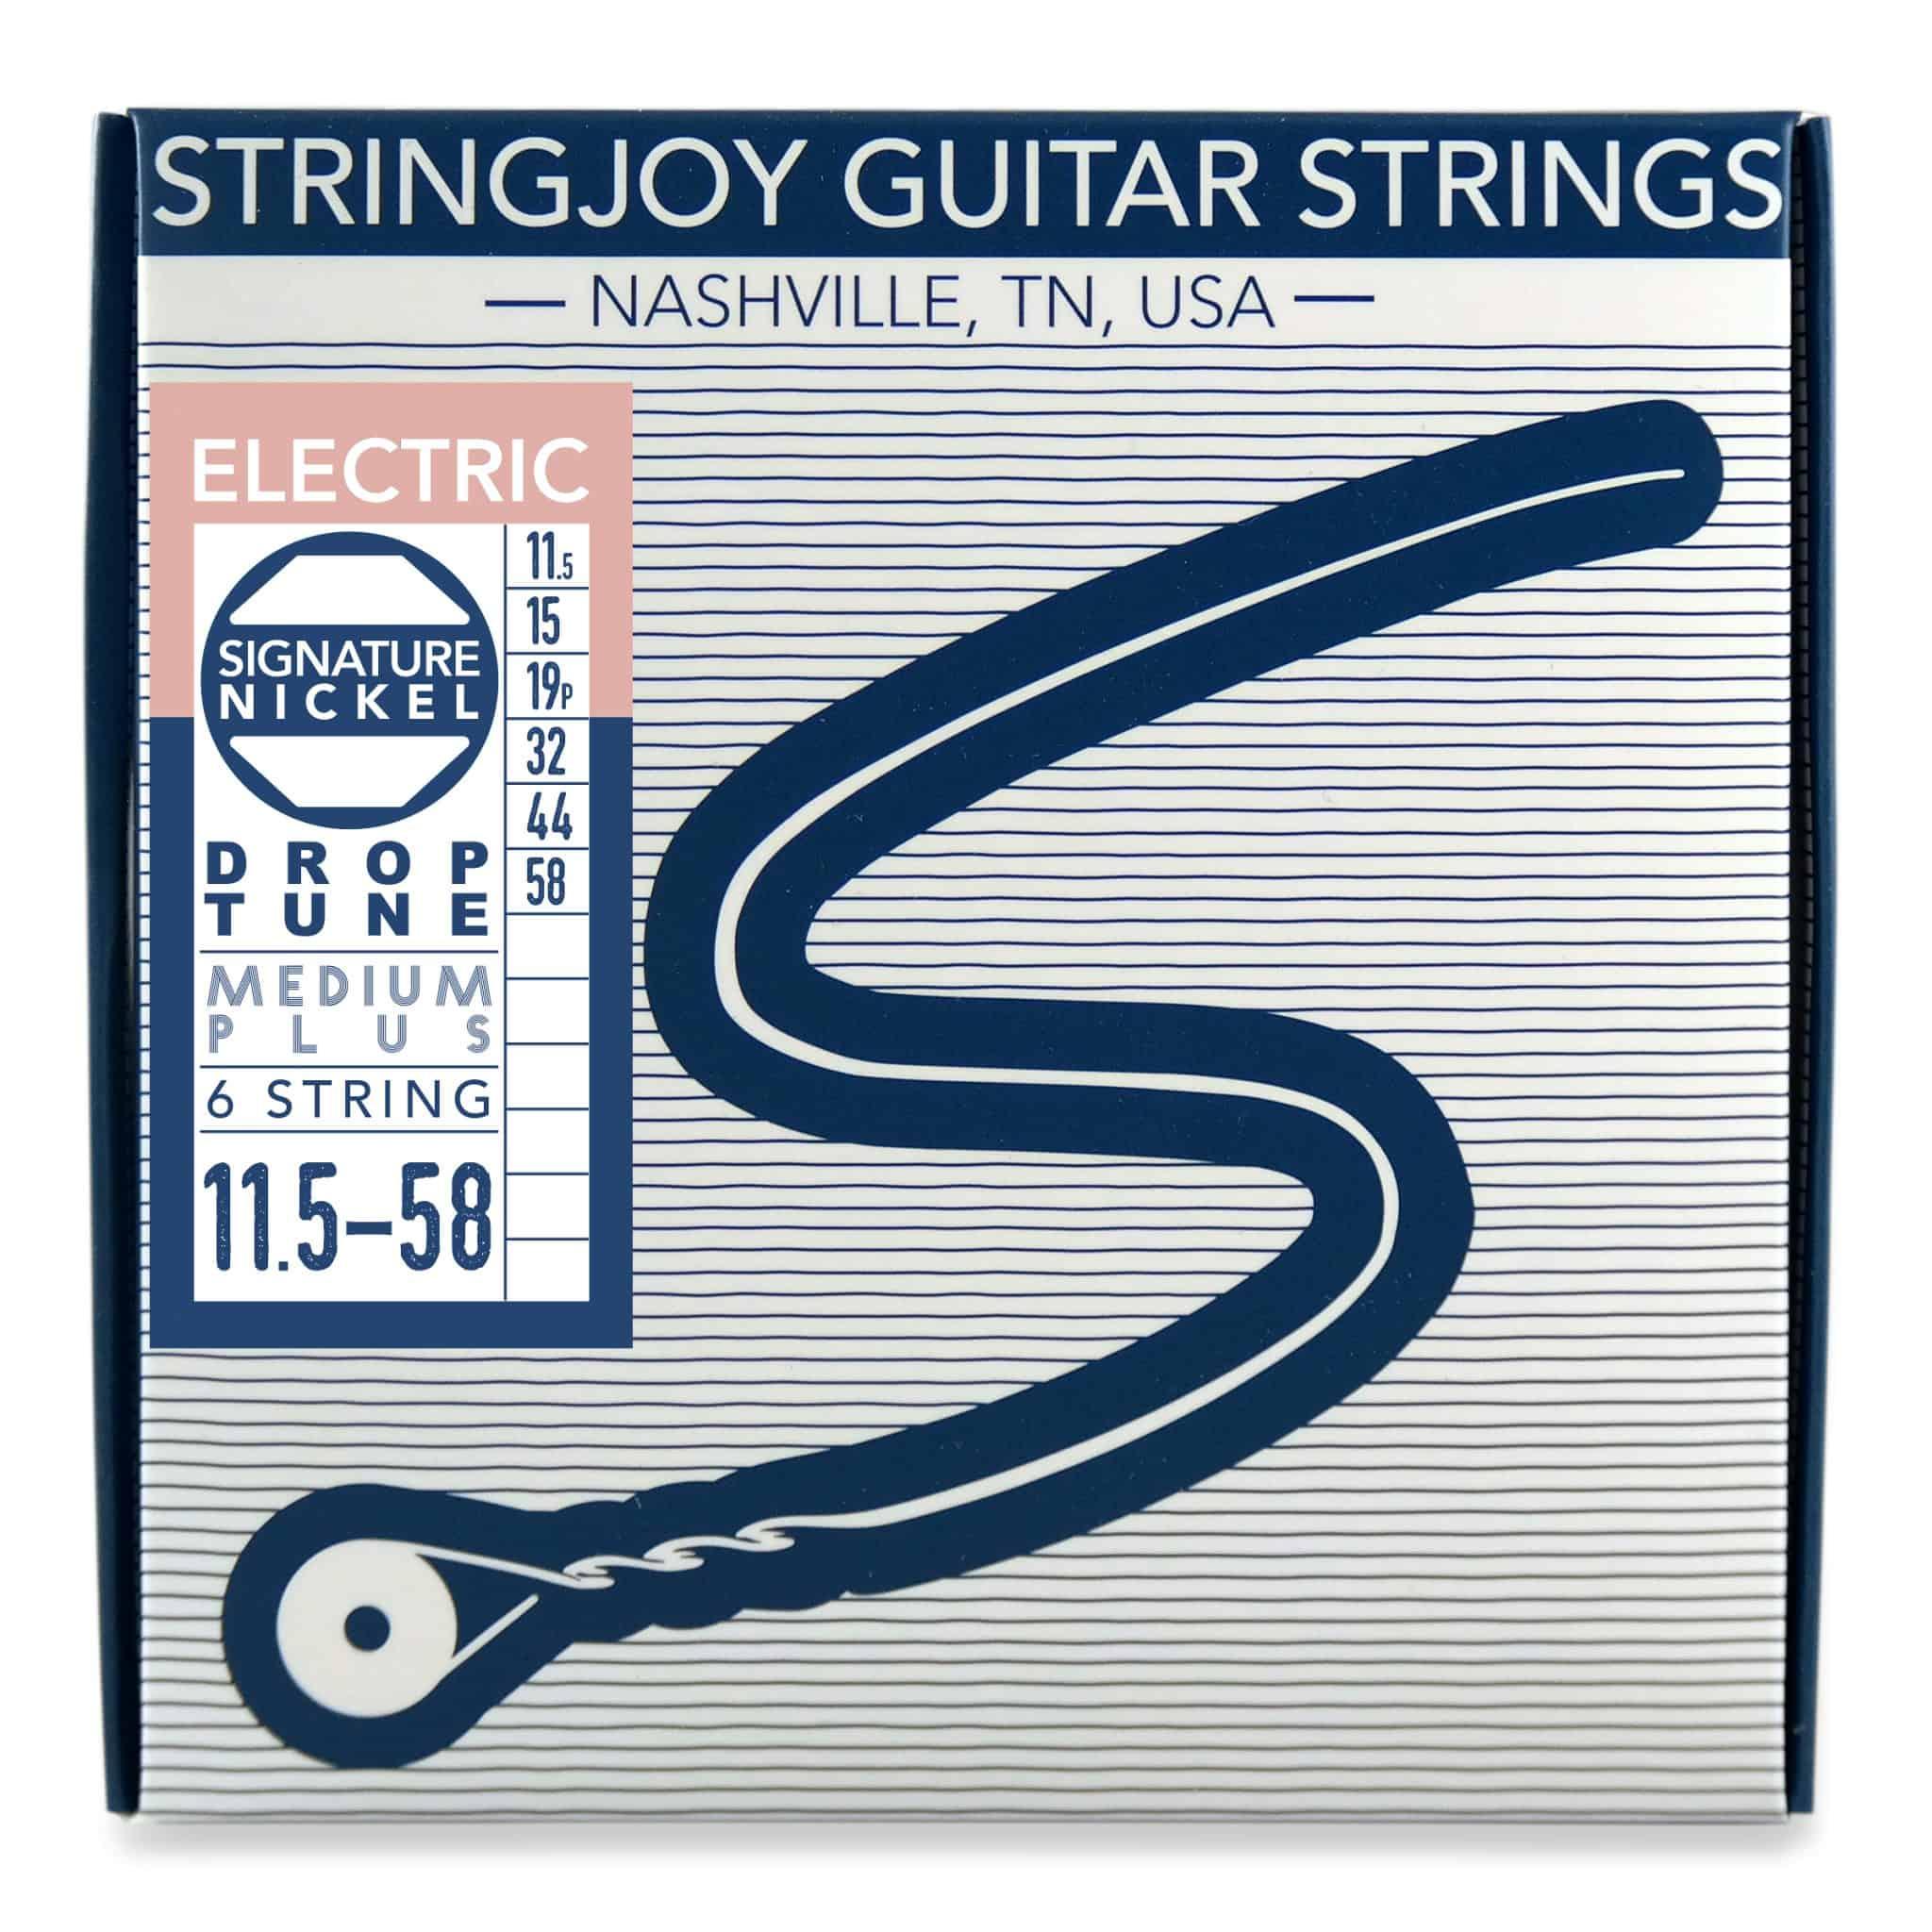 Stringjoy Drop Tune Medium Plus Gauge 115 60 Nickel Wound Electric Guitar Strings